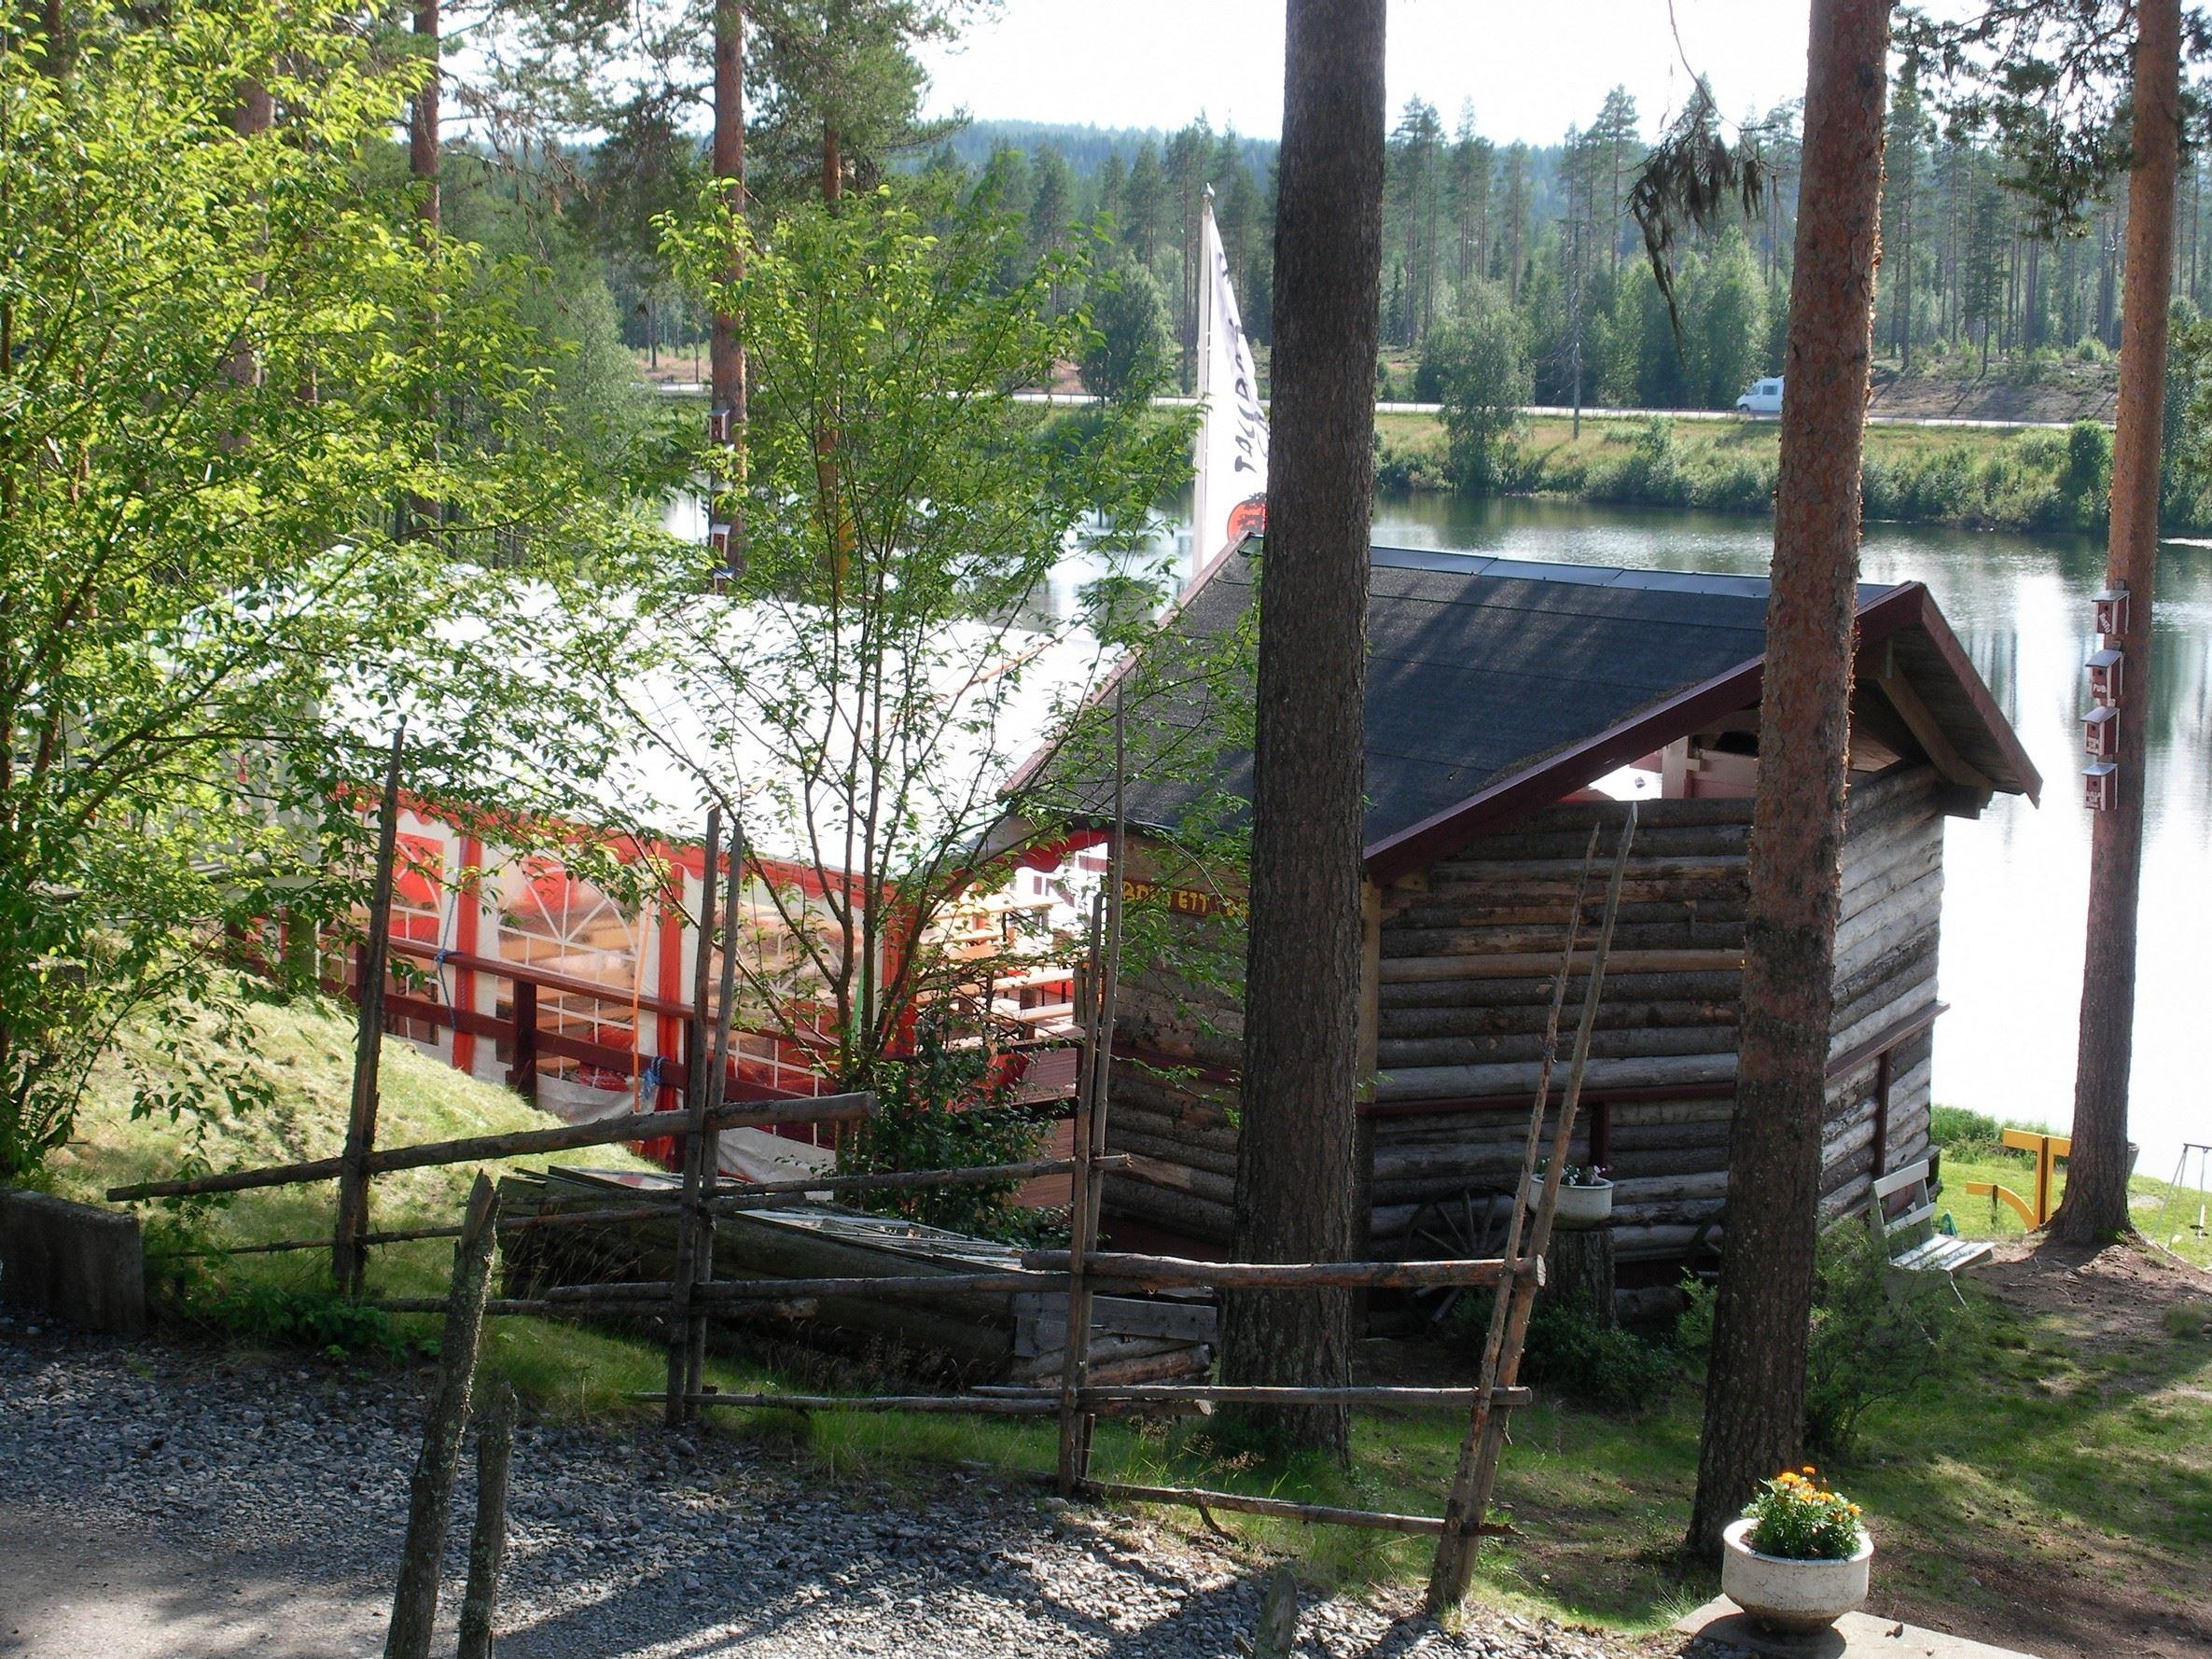 Loppismarknad Tallbacken Camping